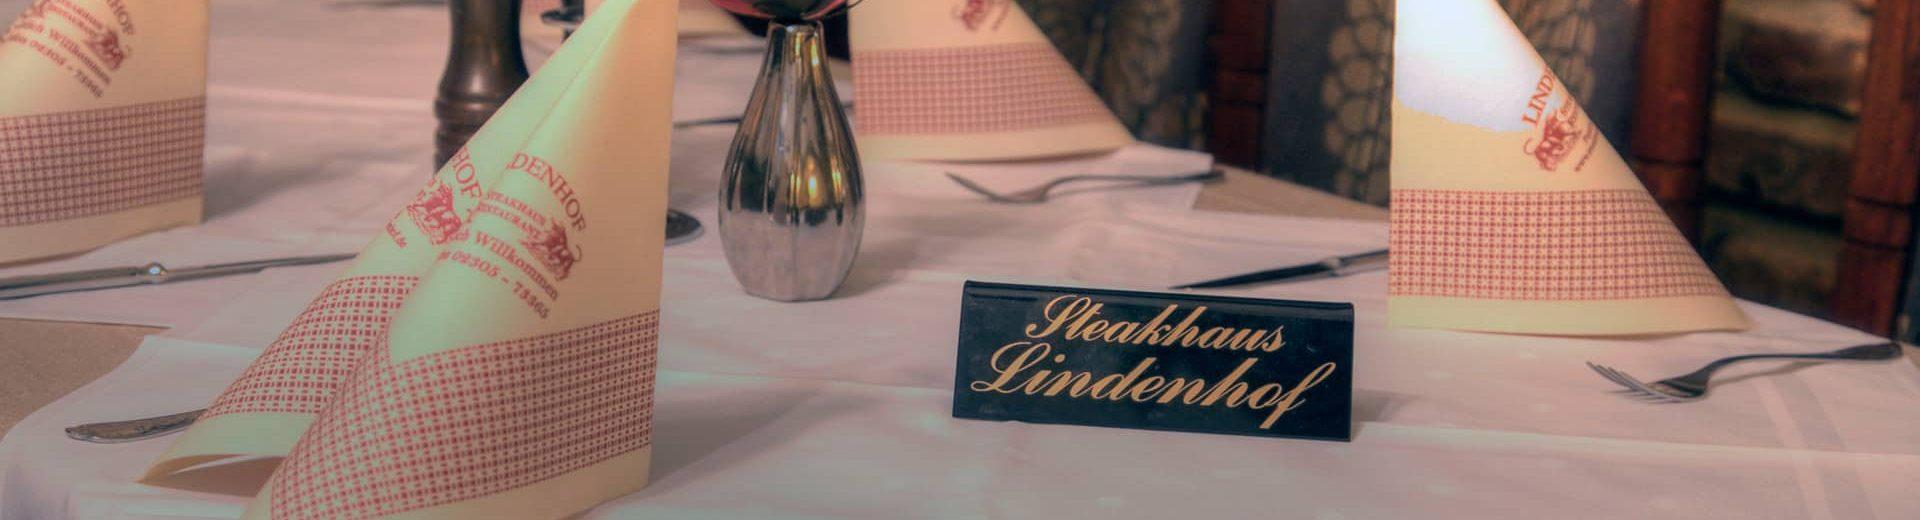 Gedeckter Tisch mit einem Schild wo